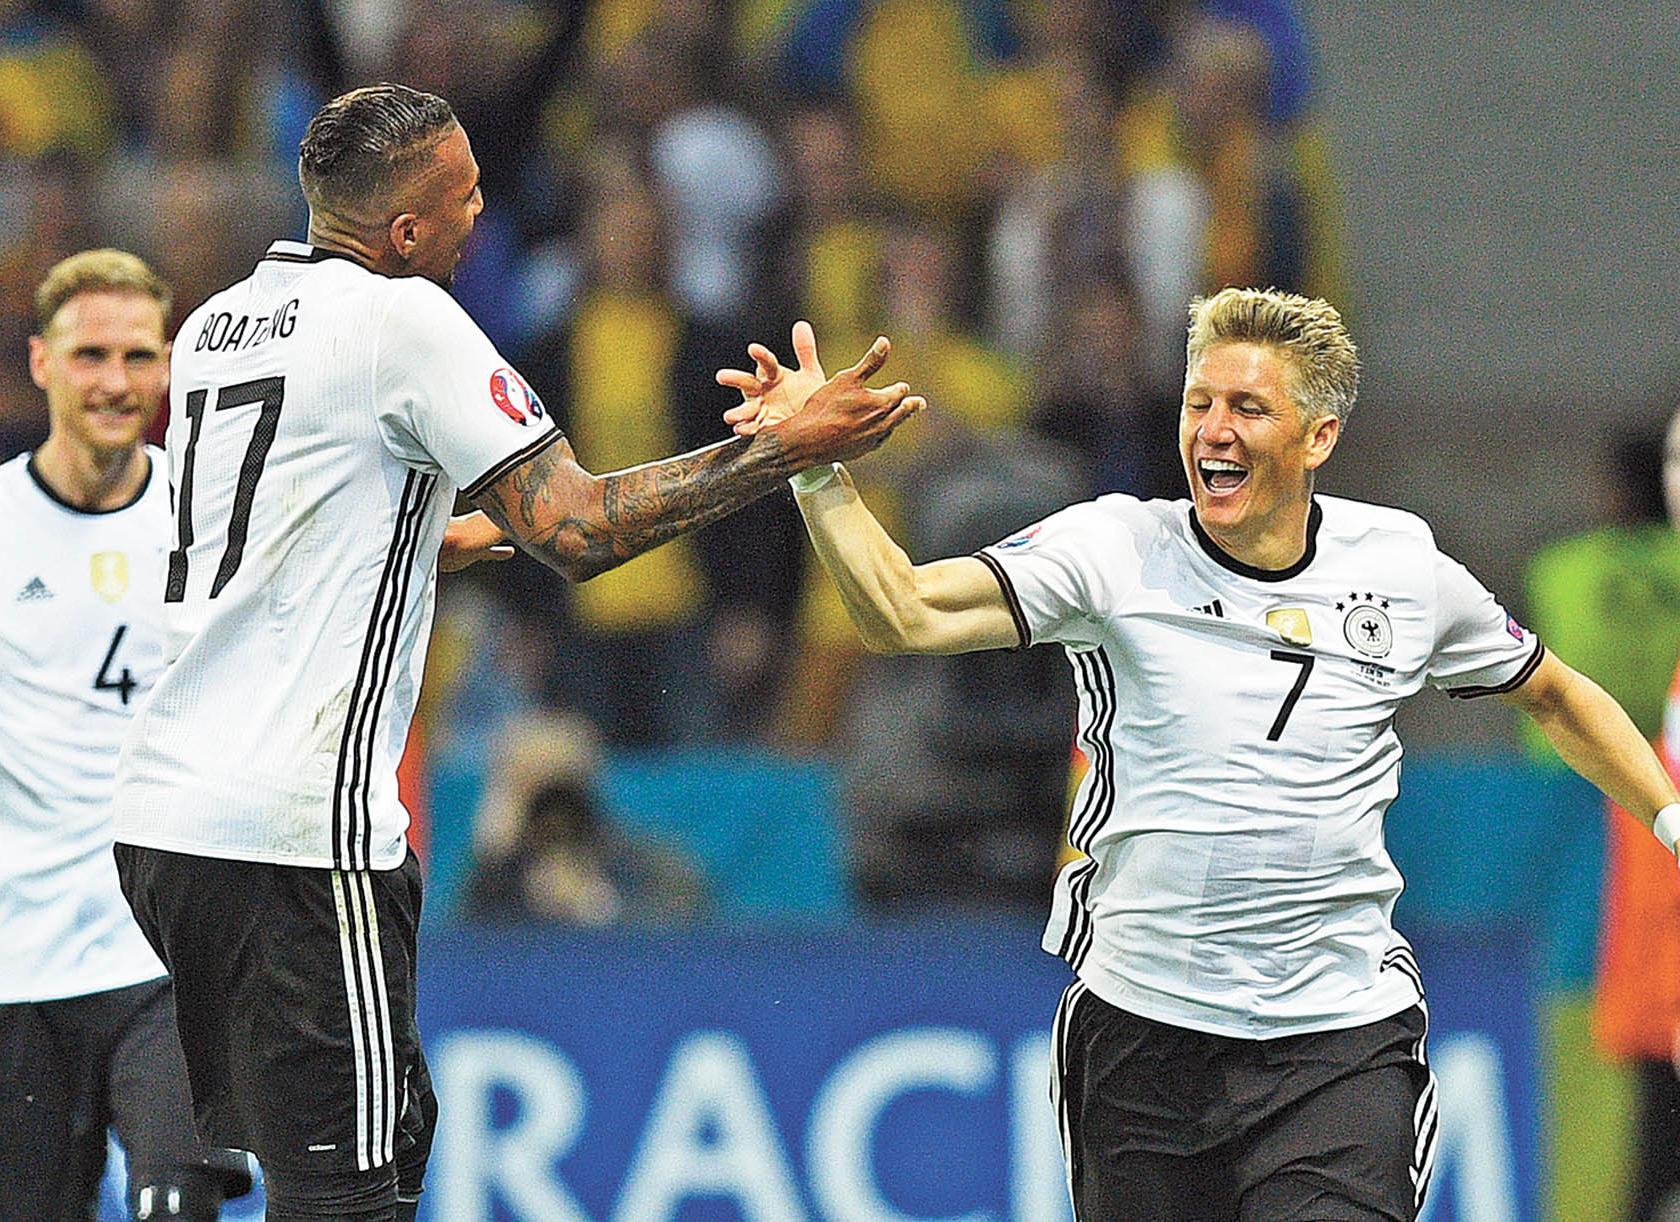 德國友賽炒得起芬蘭